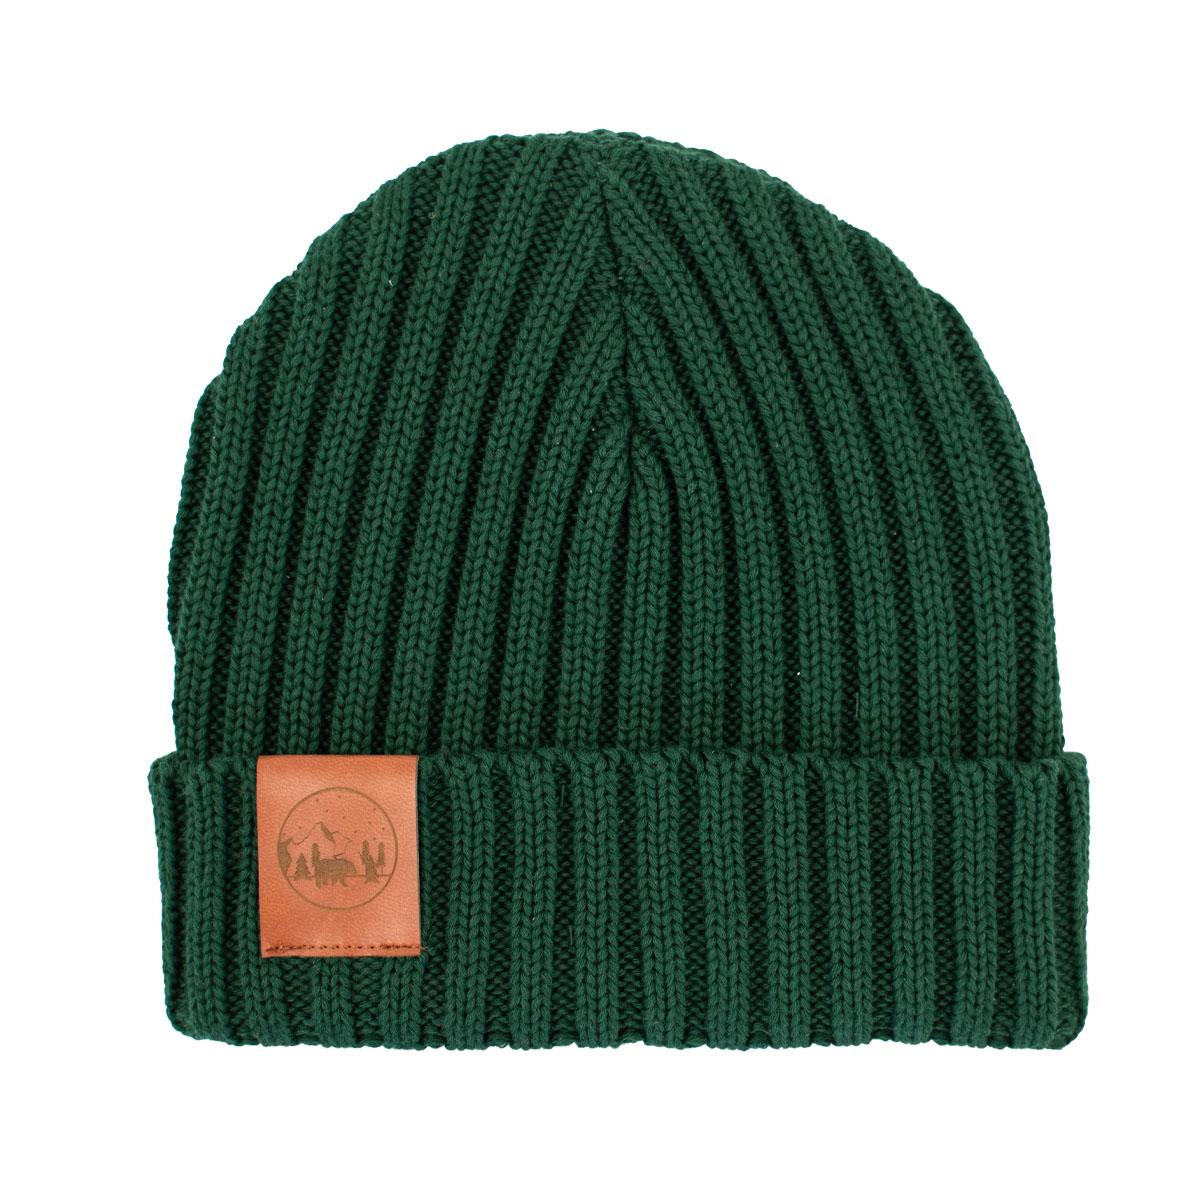 hat_alcatraz_cotton_green509D_kabak_5906742647594